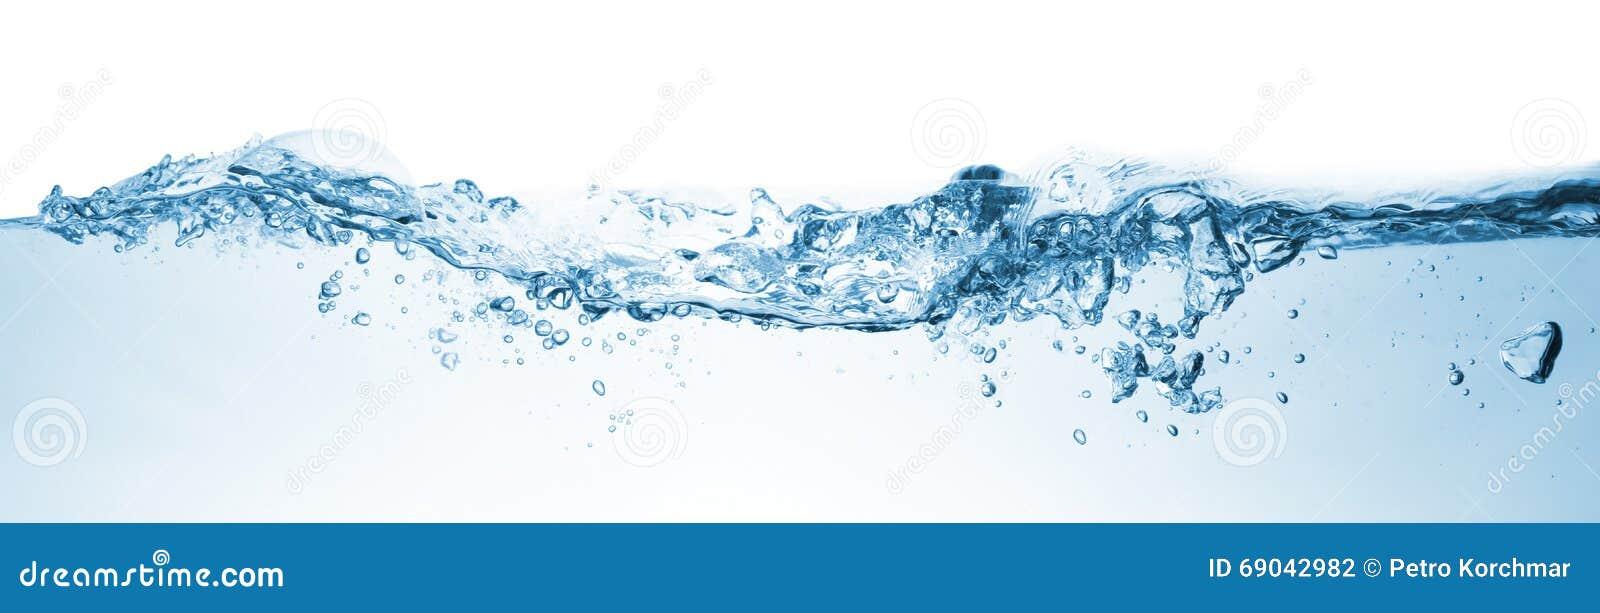 Onda Água que espirra sobre o fundo branco